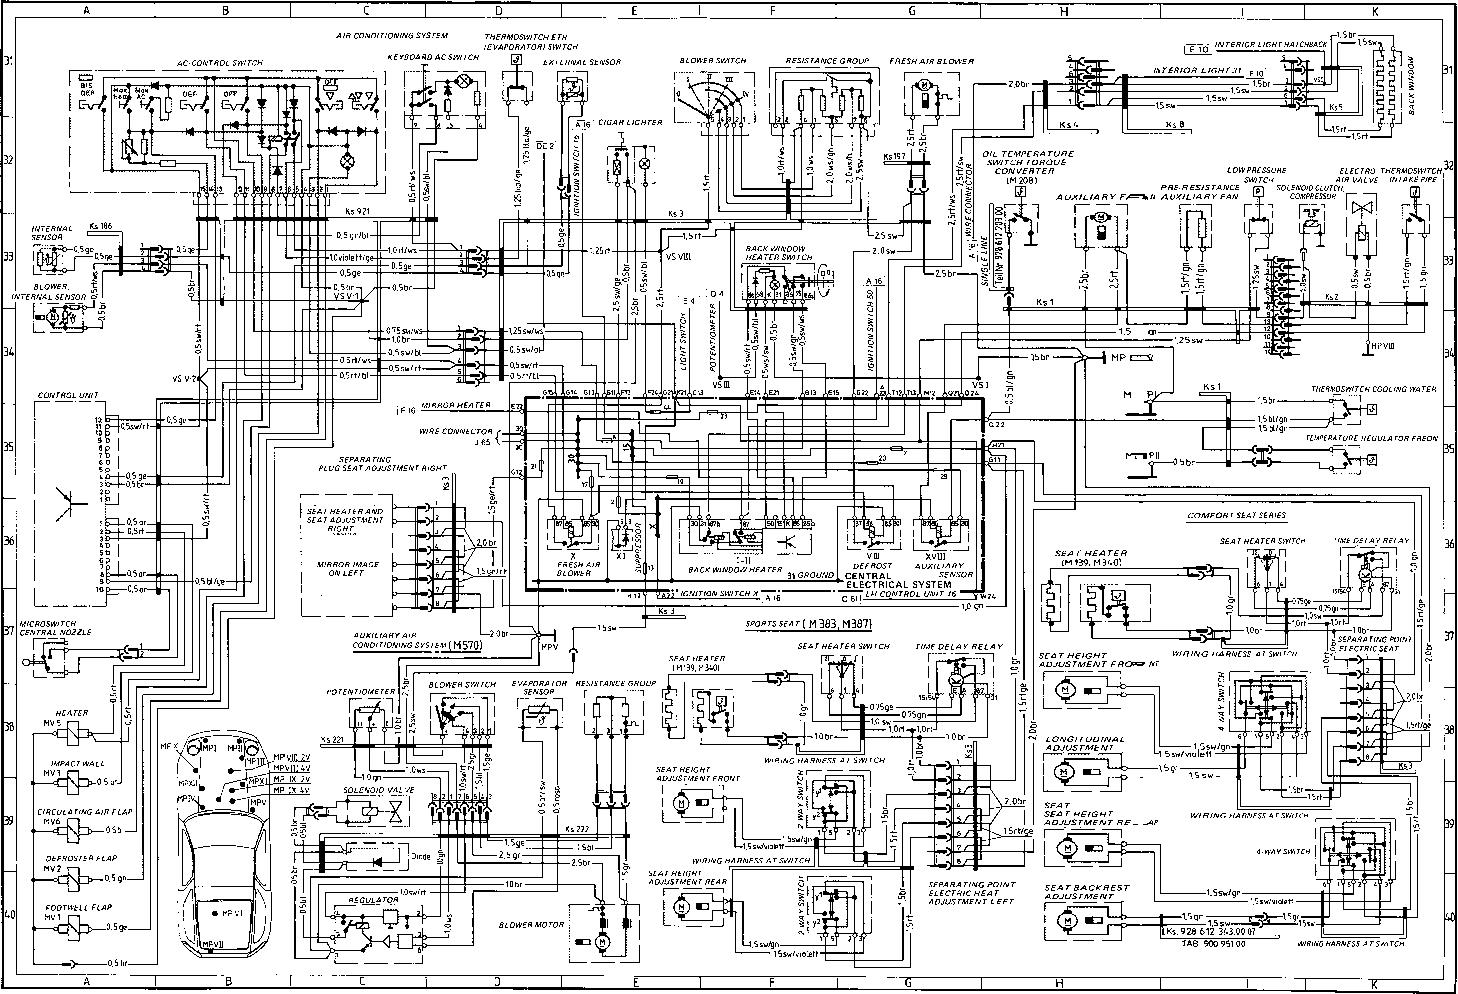 1977 Porsche 924 Wiring Diagram Detailed Schematics 1983 Fiat 124 Electrical Schematic Diagrams Limited Edition